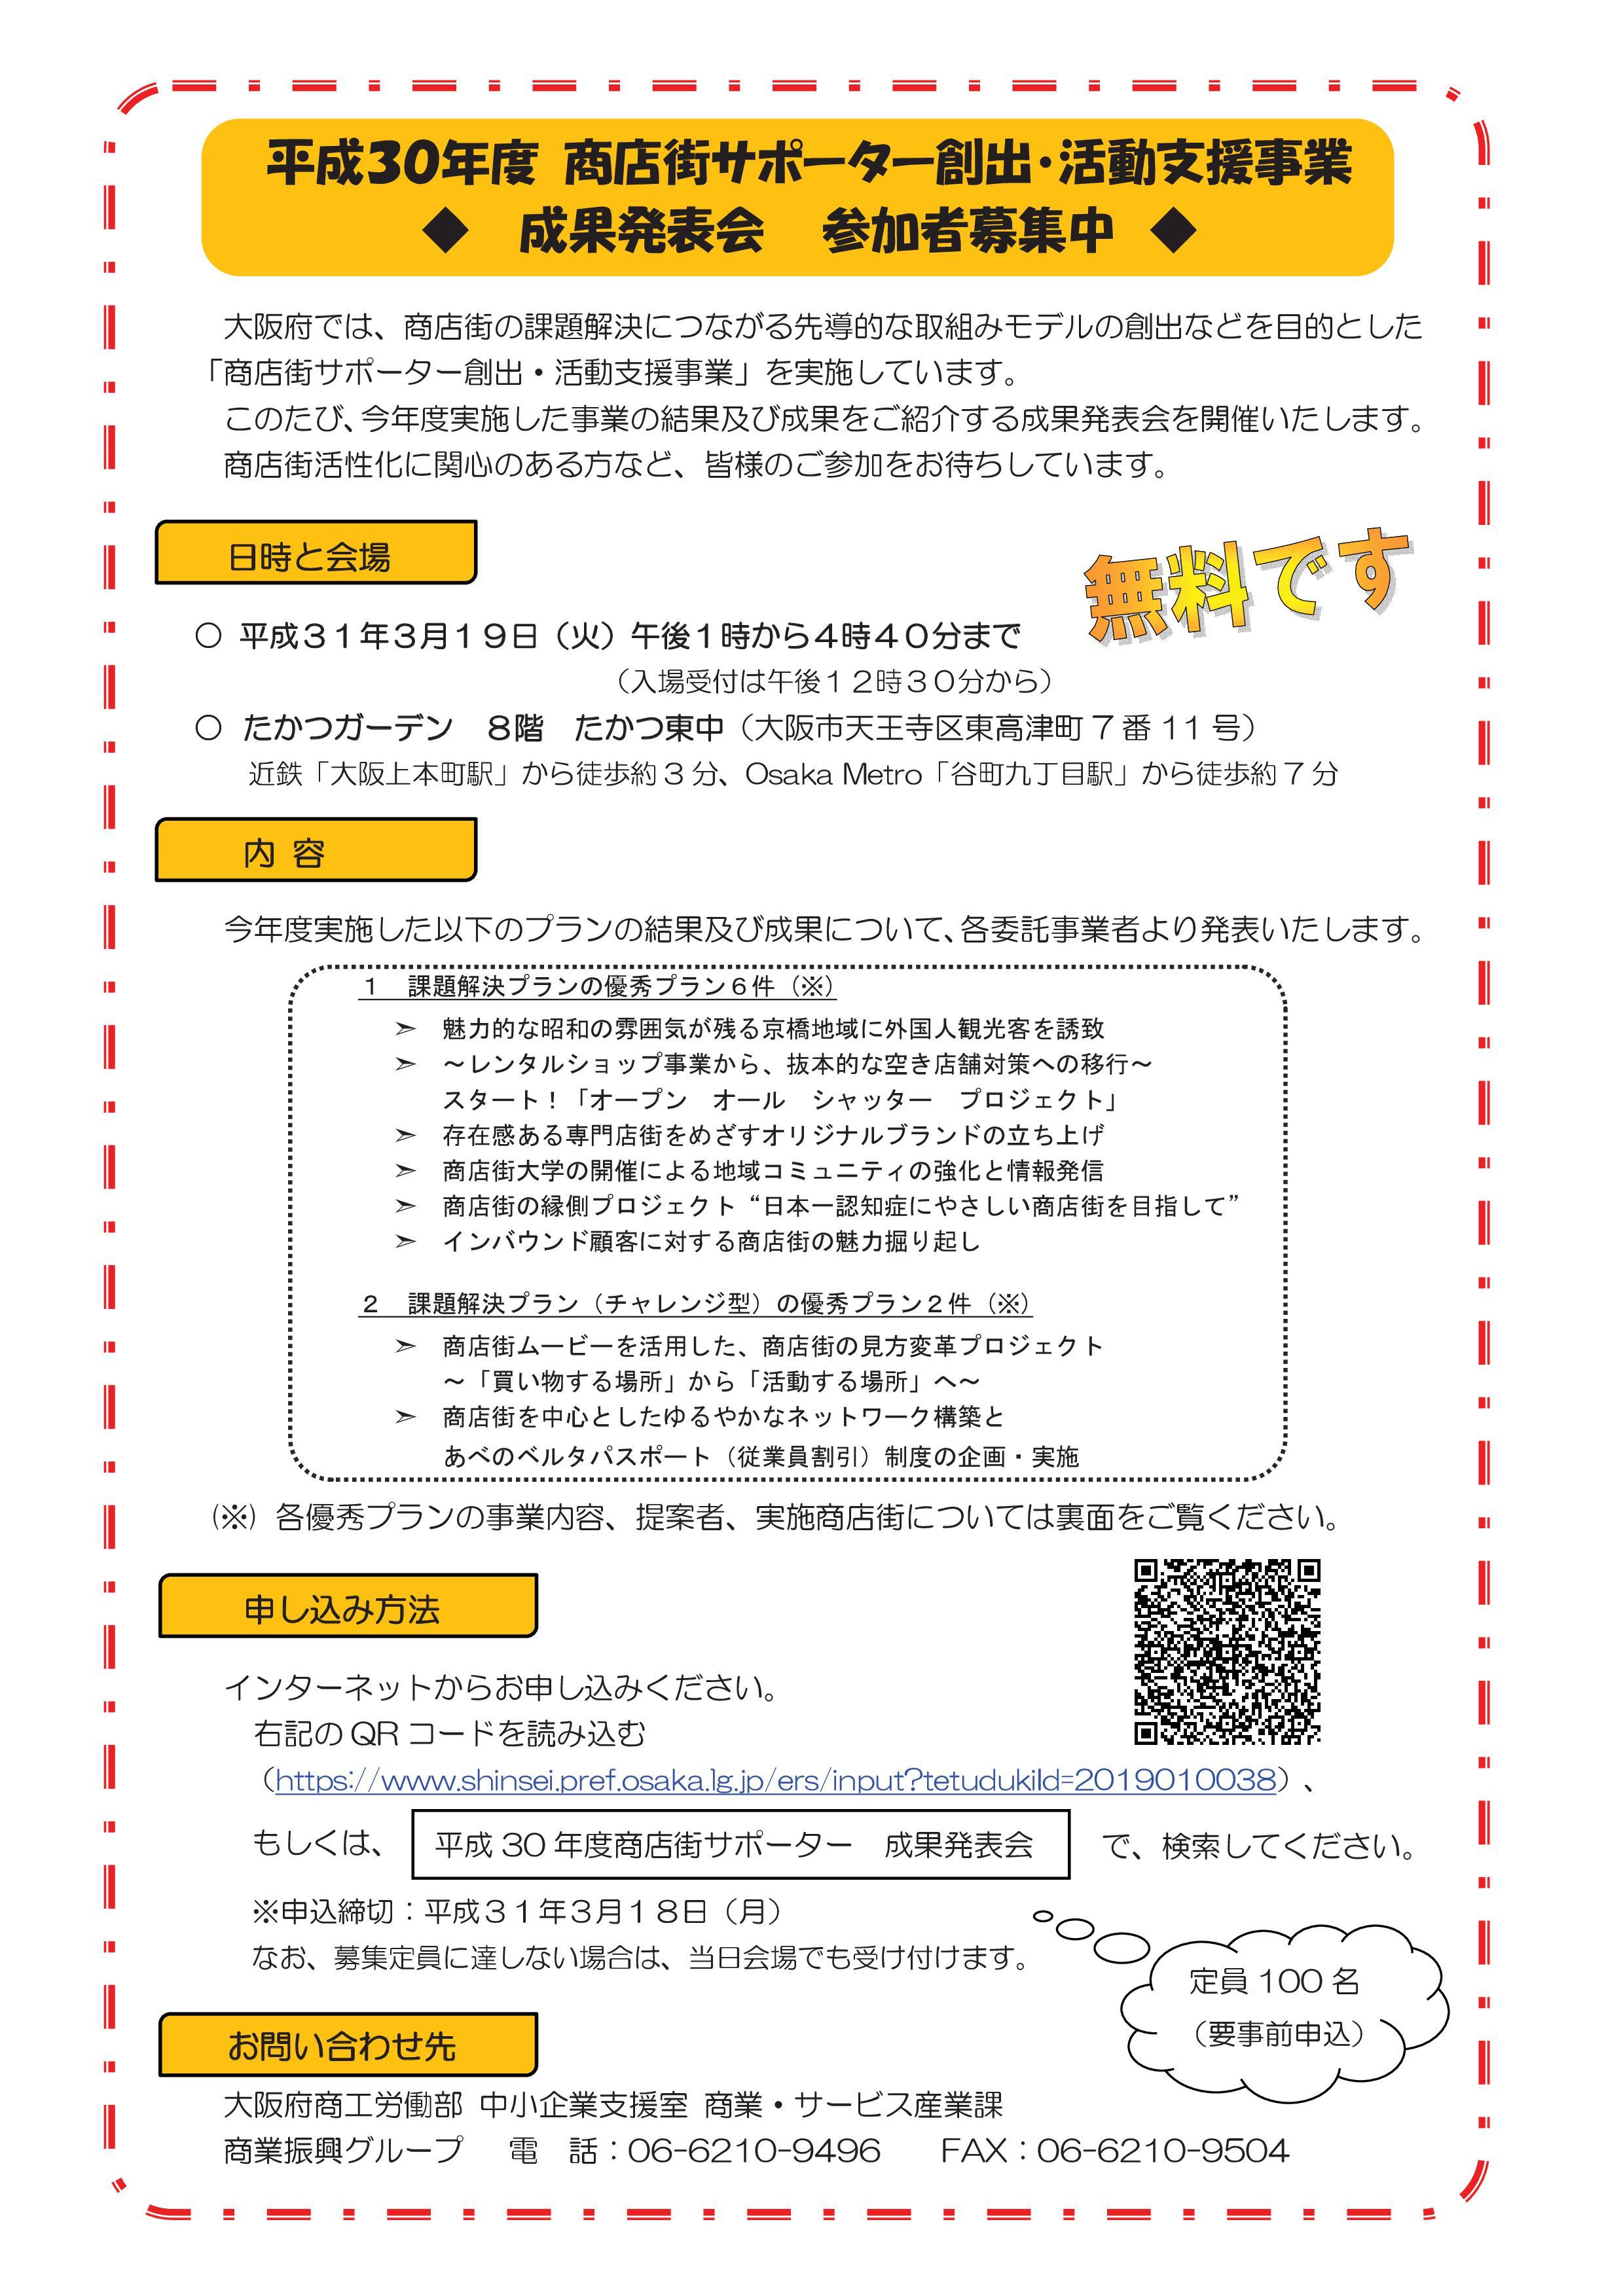 H30成果発表会チラシ-001